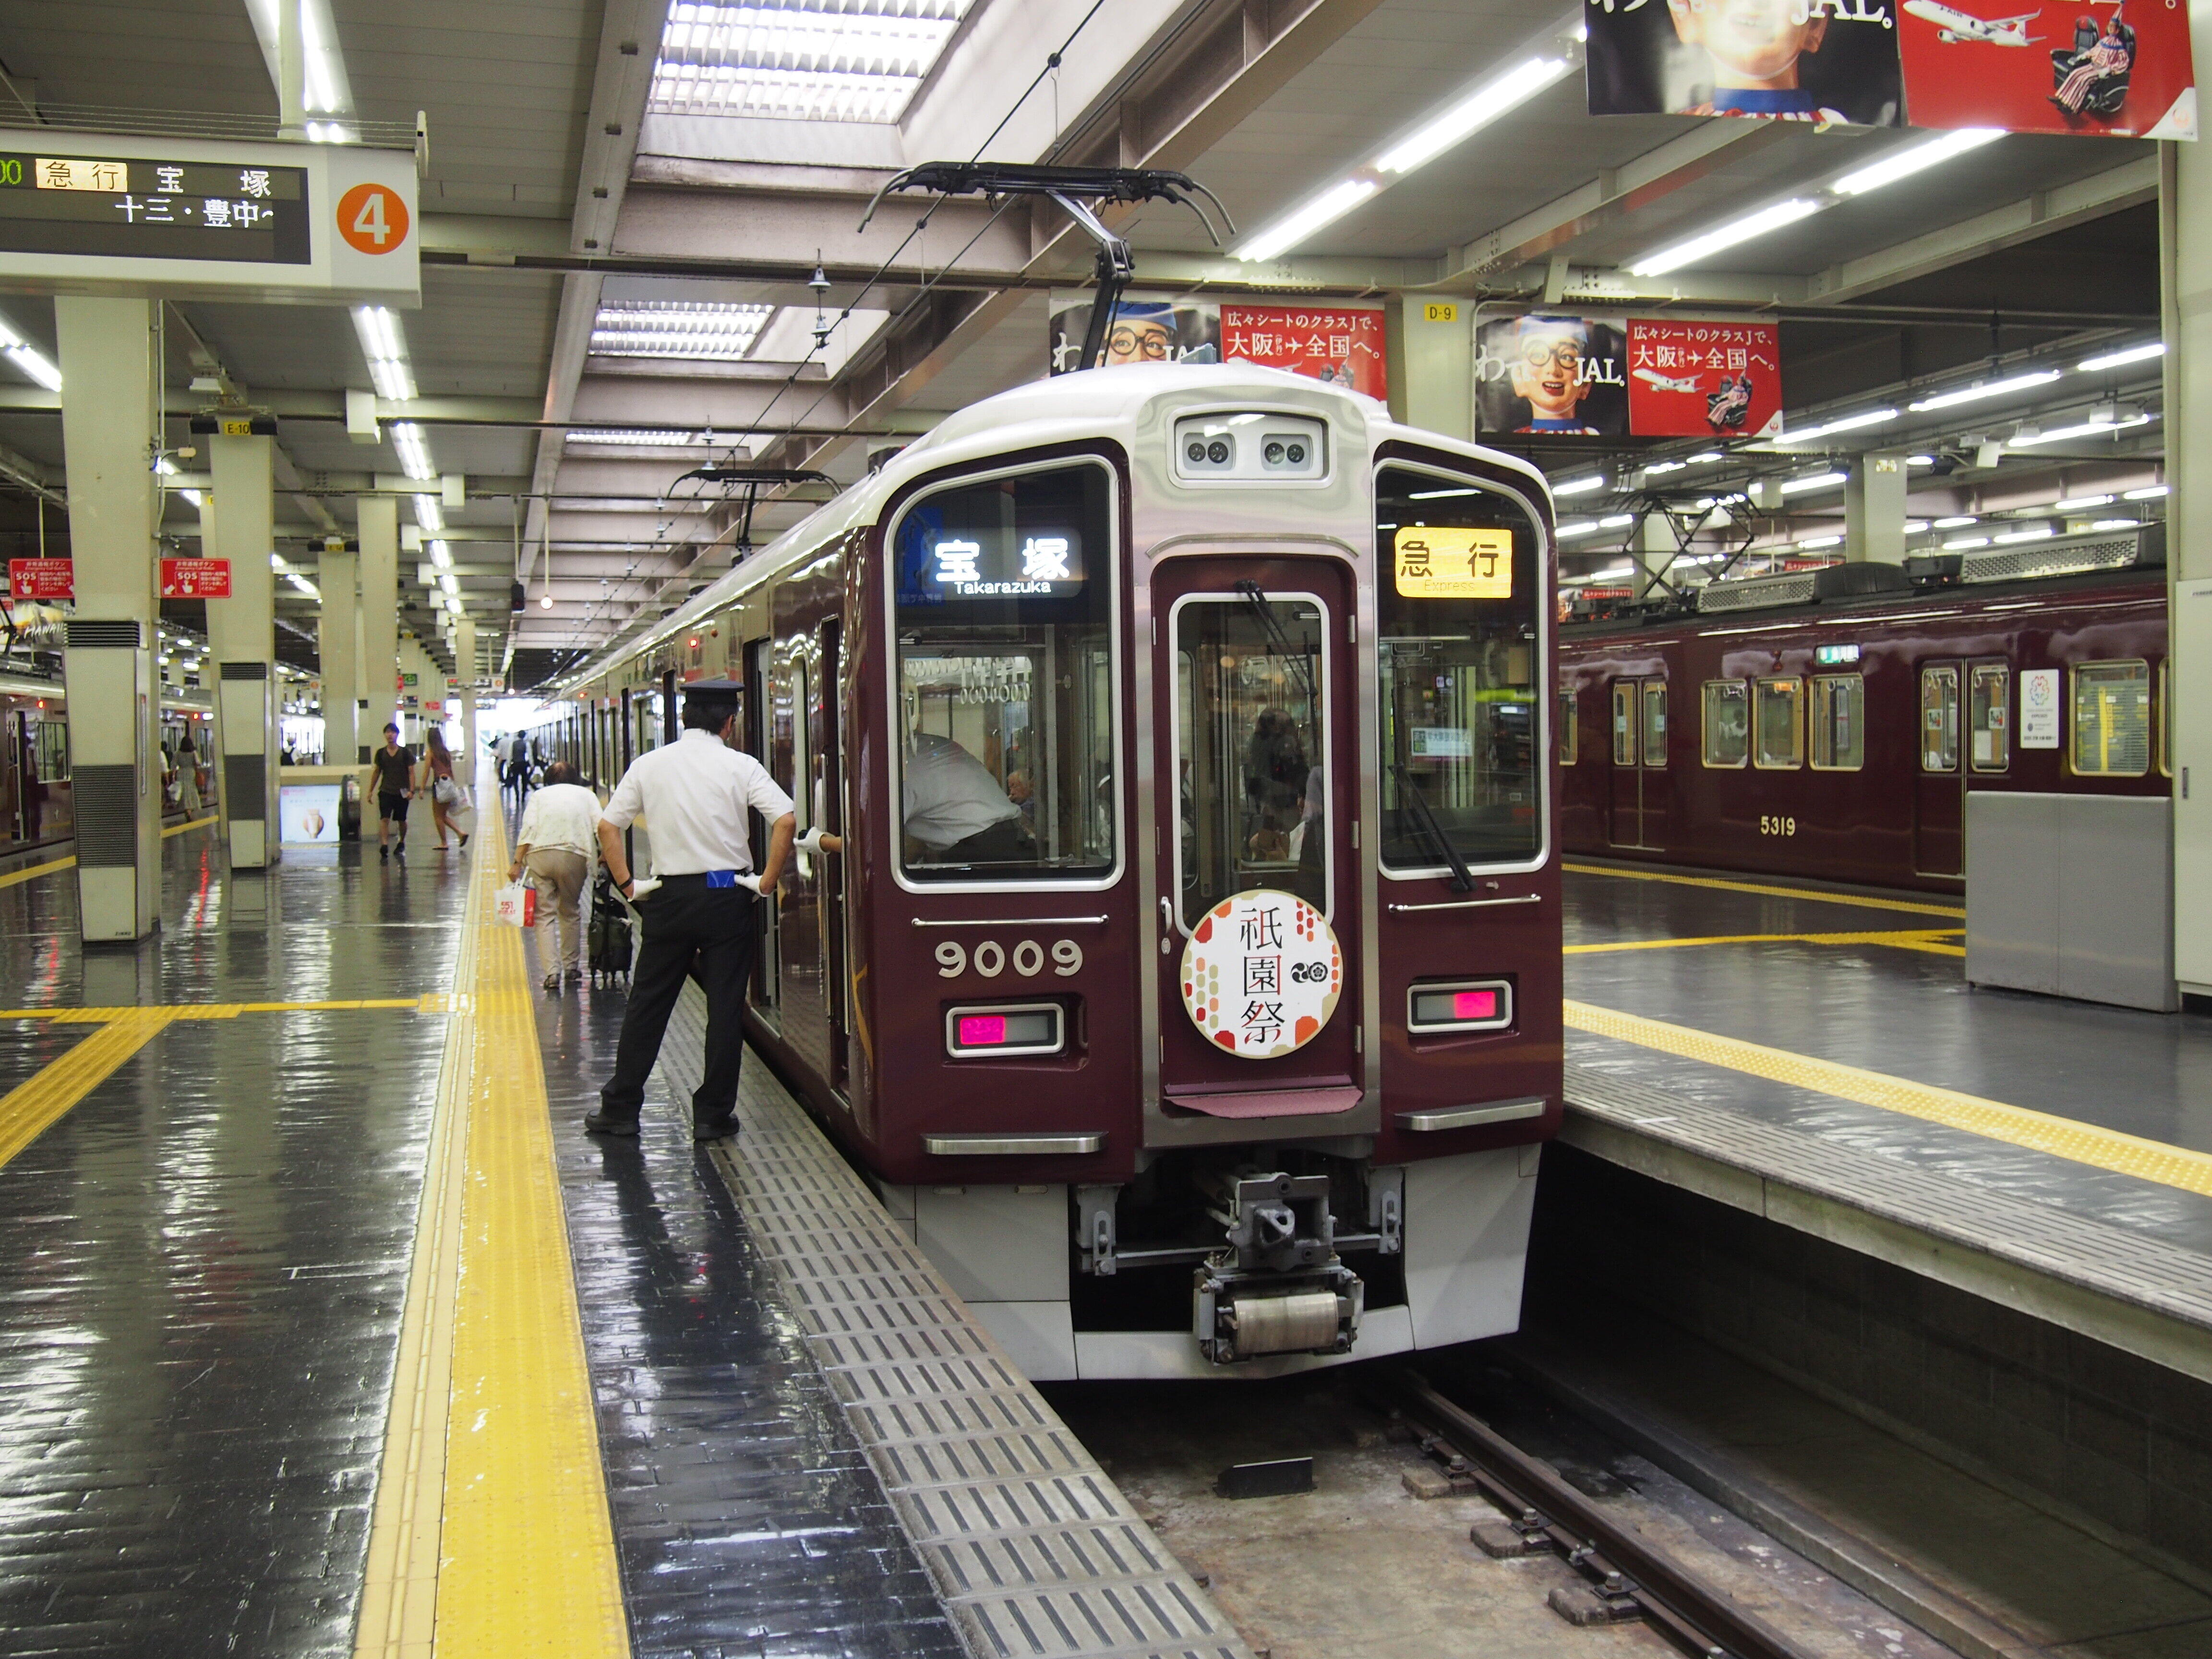 高品質なサービスで定評のある阪急電鉄